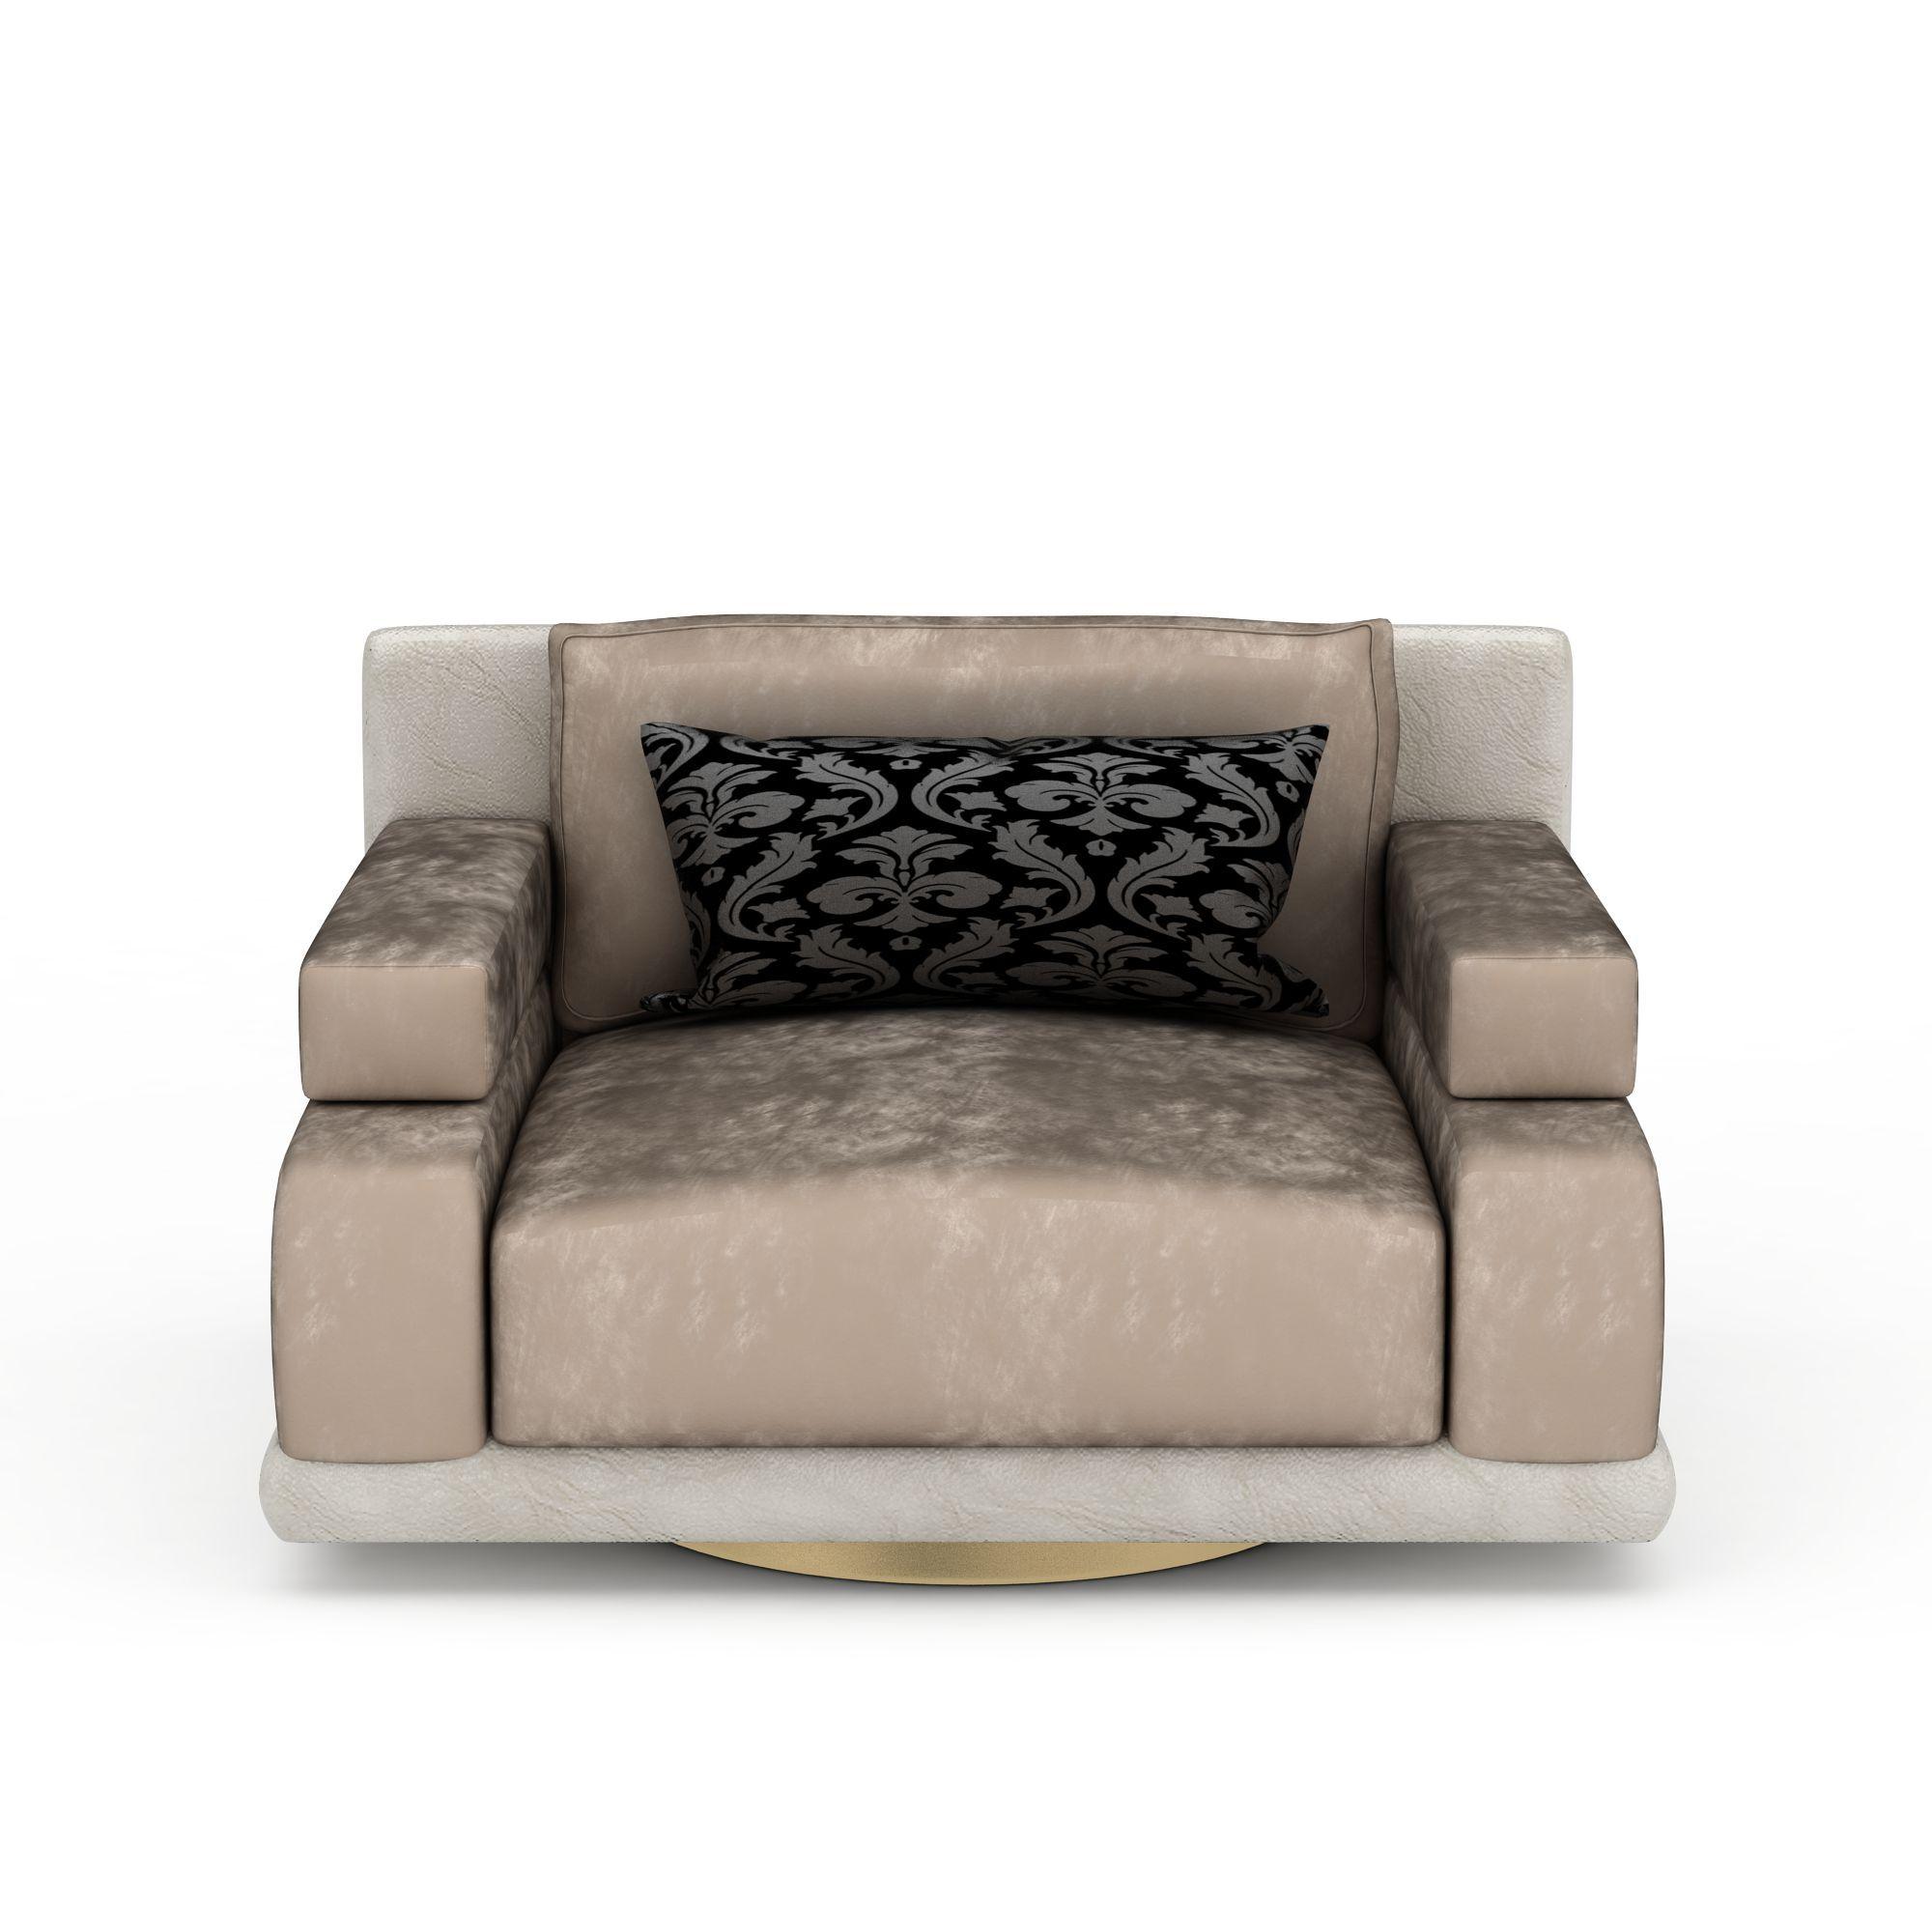 单人沙发图片_单人沙发png图片素材_单人沙发png高清